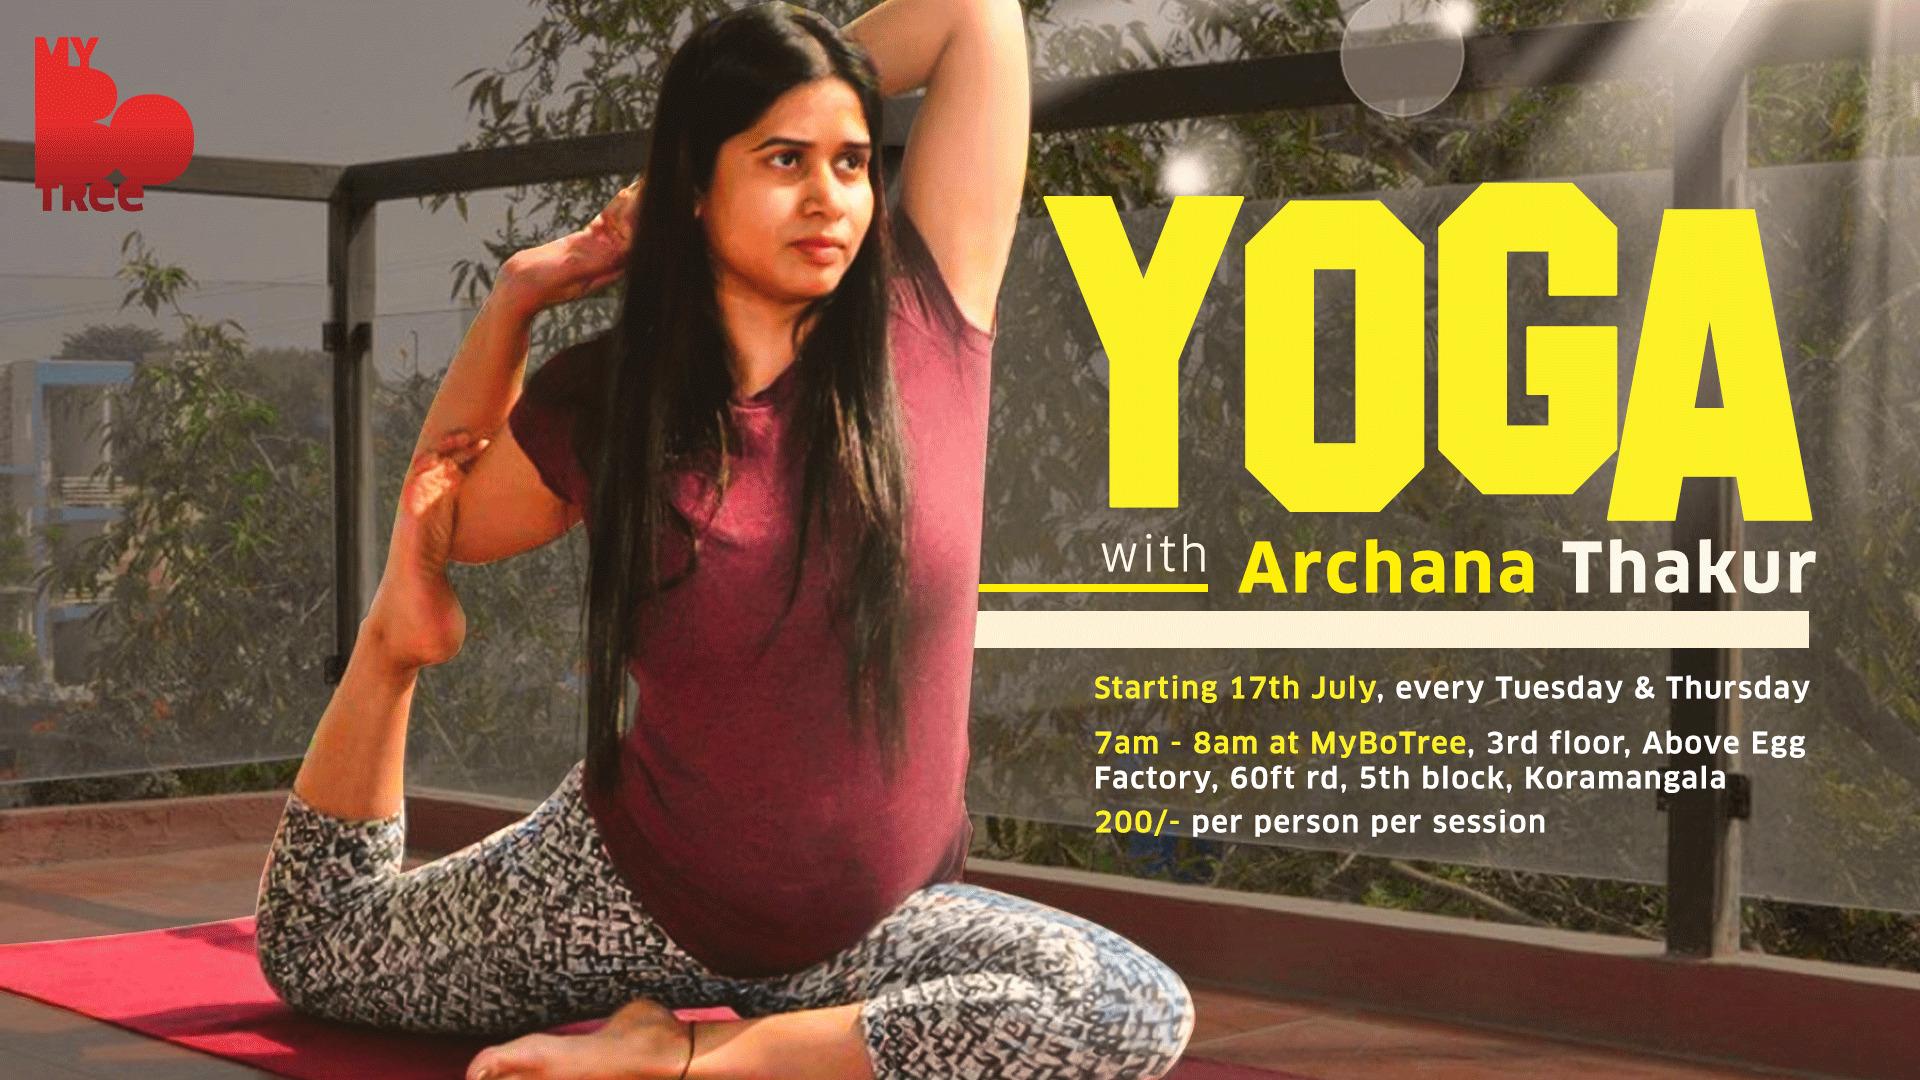 Yoga with Archana Thakur